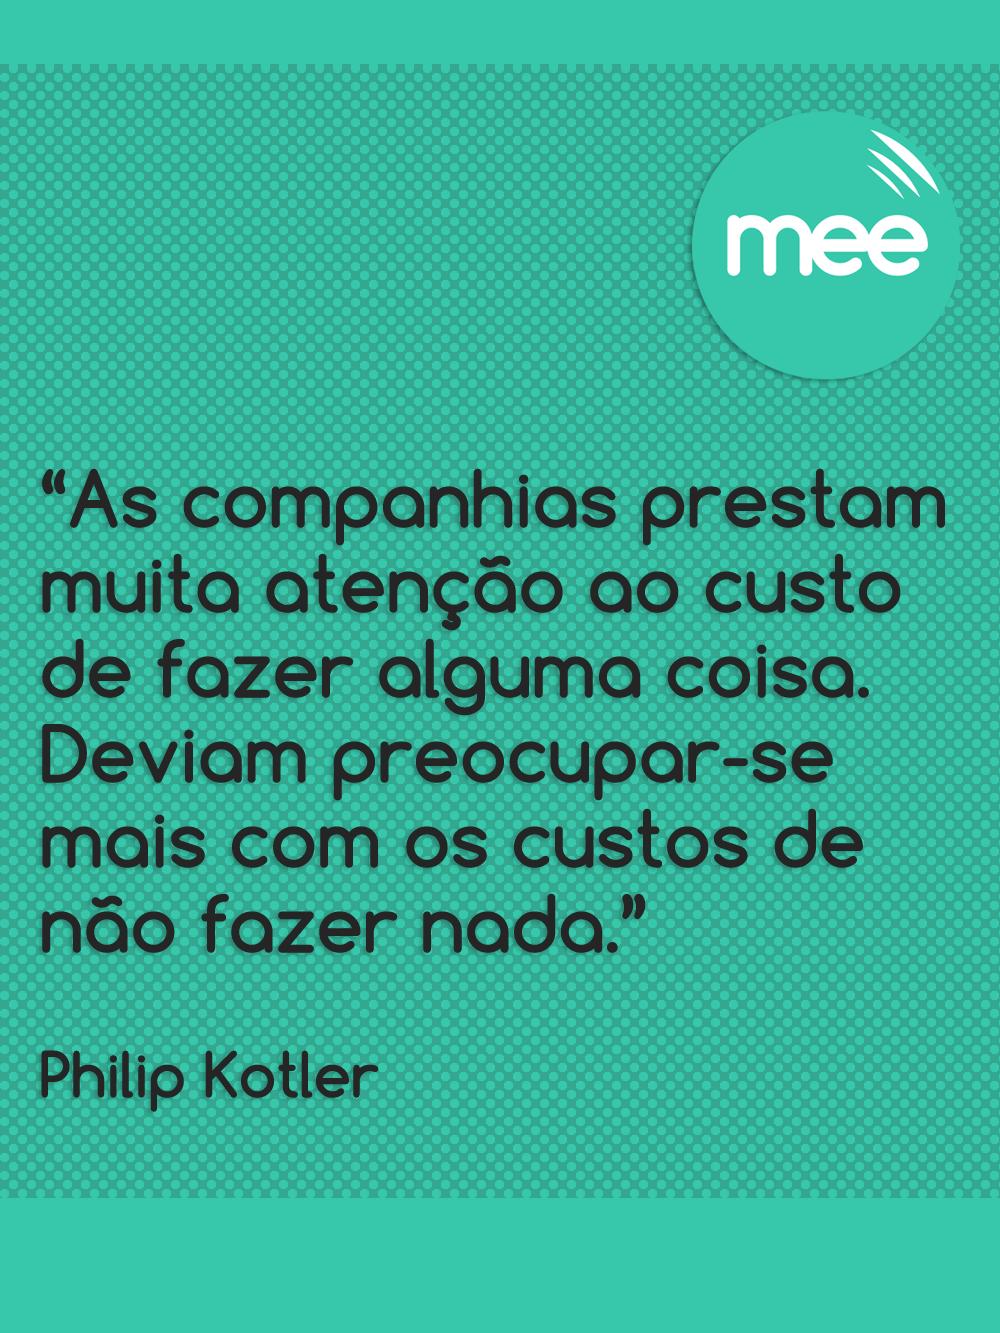 Philip Kotler Citações Frase Motivacional E Pensamentos